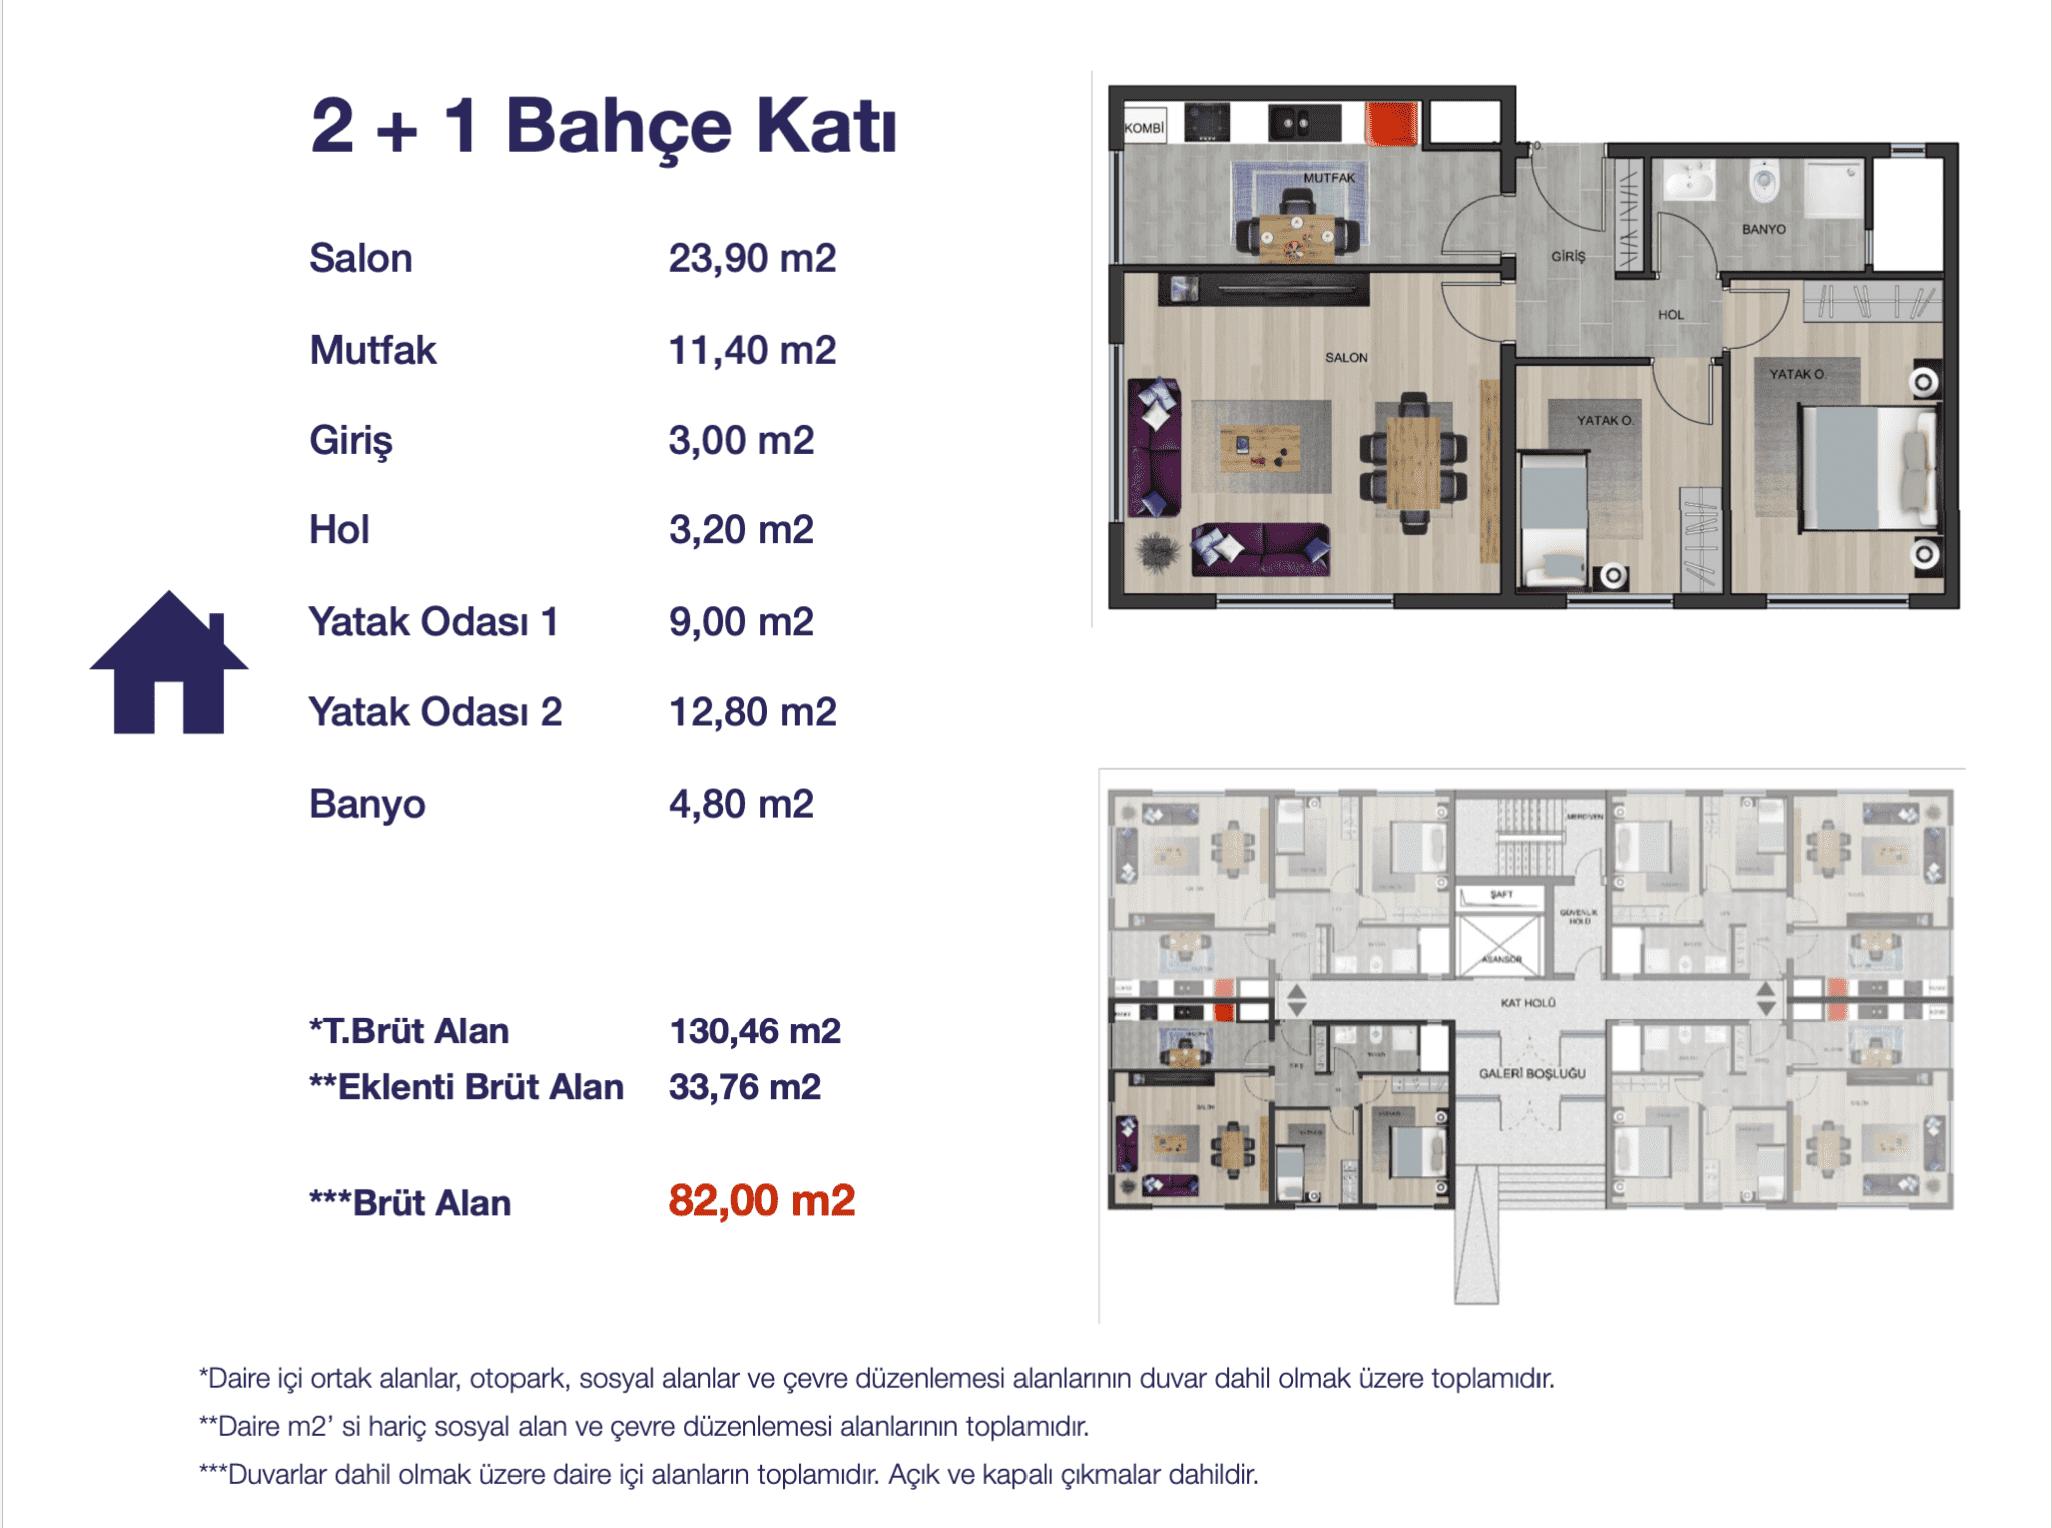 Baras Life Konakları daire planları!